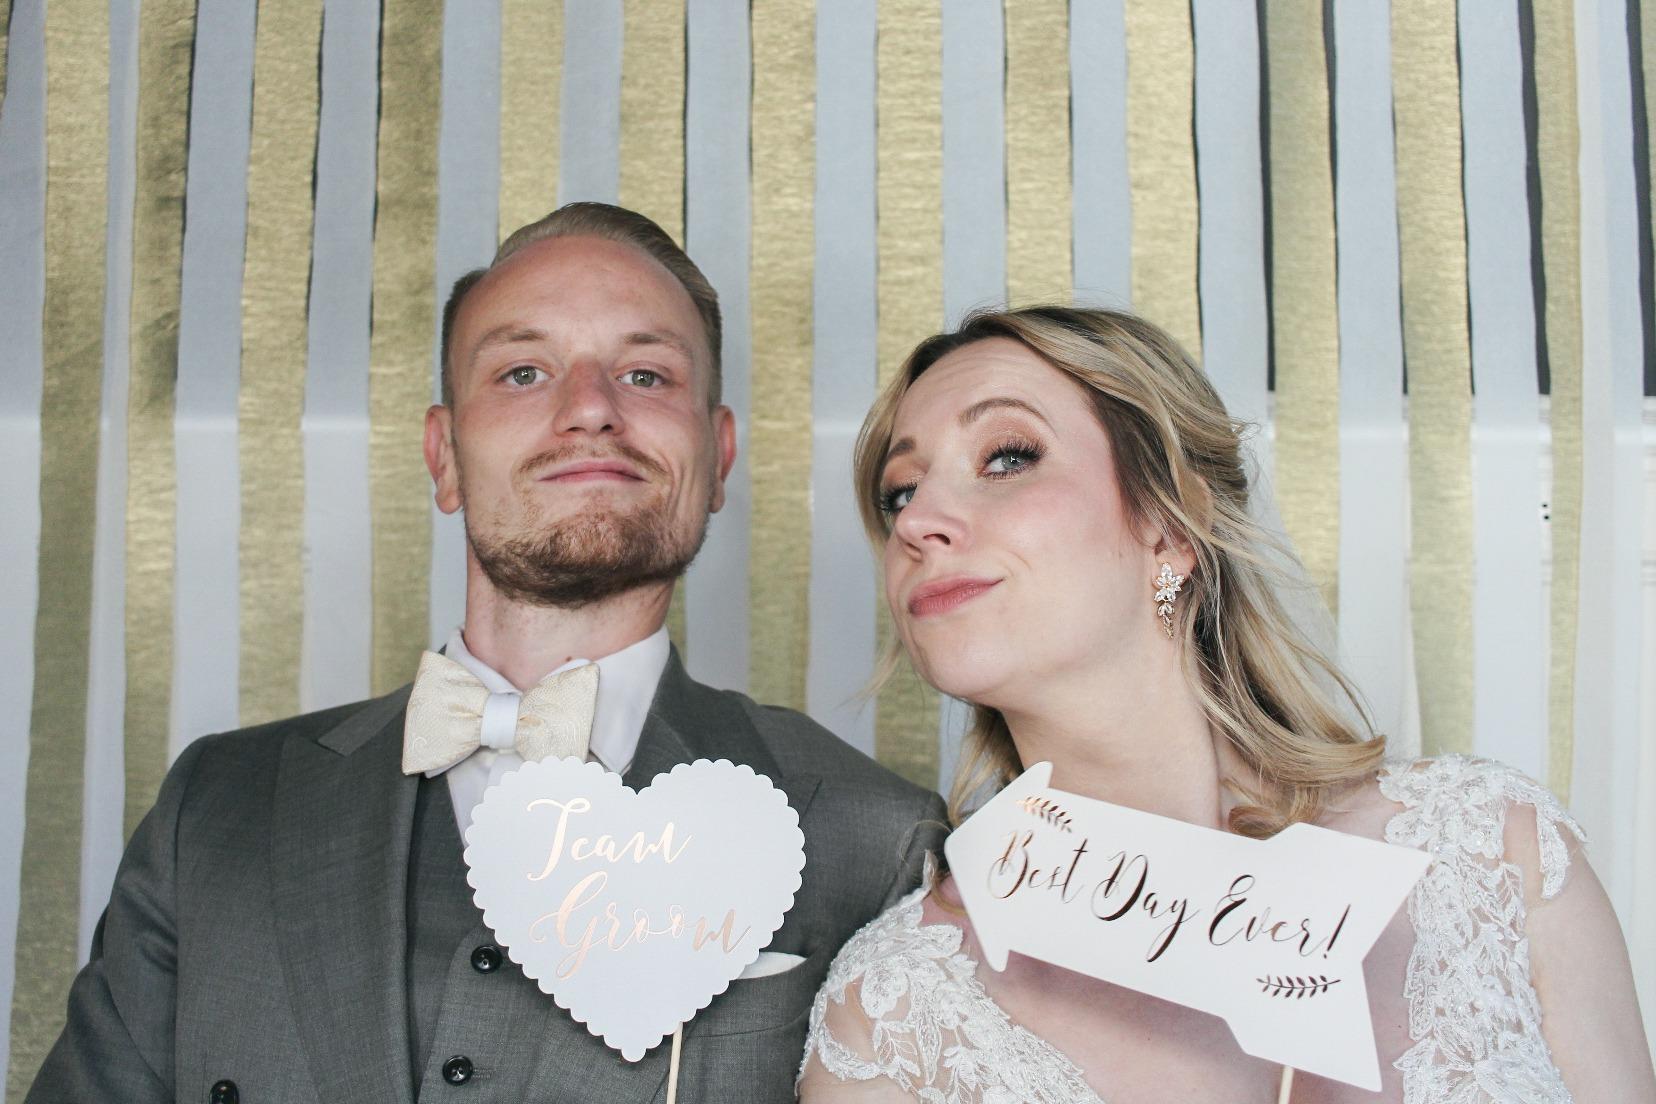 Braut und Bräutigam: Unsere Fotostreifen: Unsere Hochzeit am großen Wannsee in Berlin, festgehalten mit der Kruu Fotobox #mrandmrswinzer